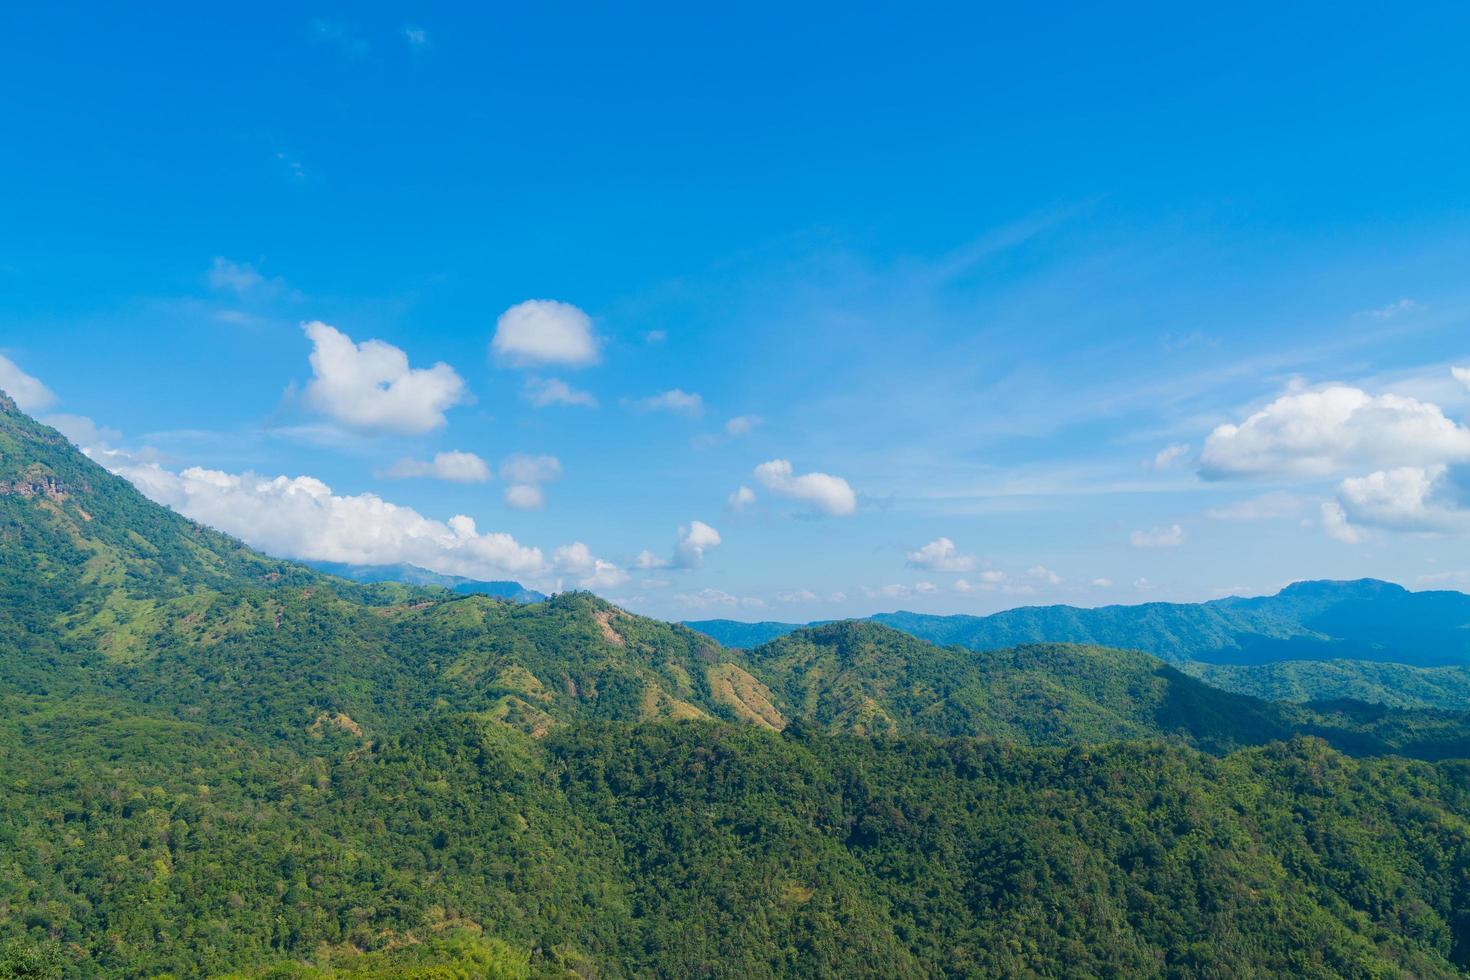 landschap van bos en bergen in Thailand foto